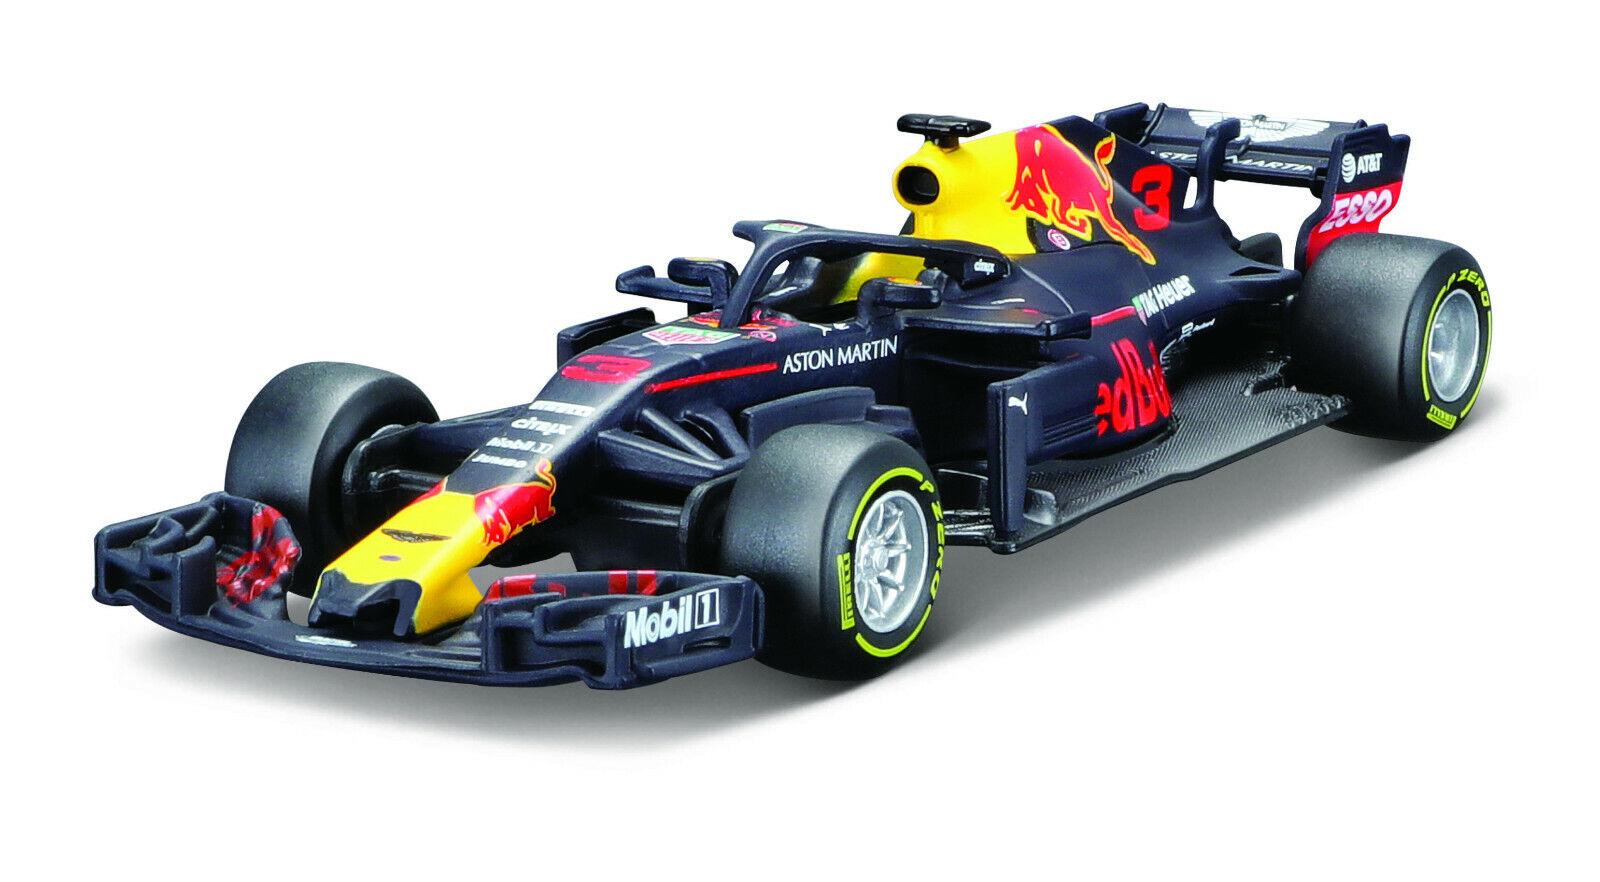 BBURAGO 1:43 Aston Martin Red Bull RB14 FORMULA F1 Daniel Ri